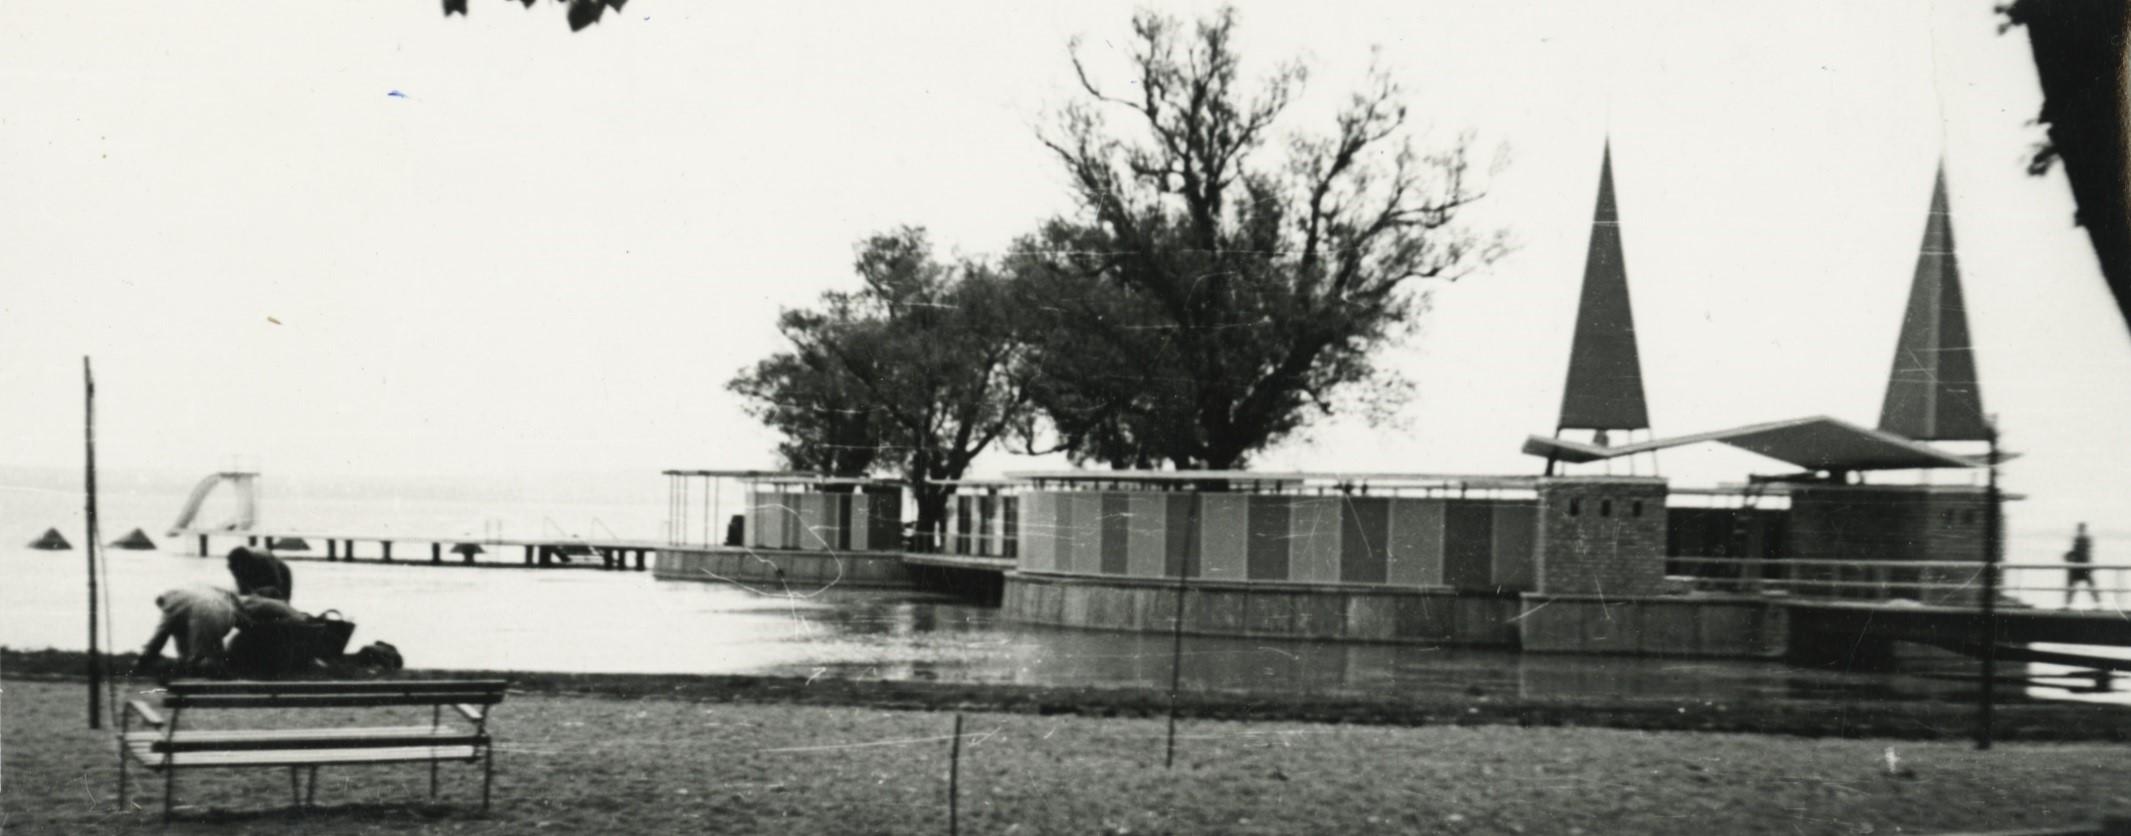 A keszthelyi Szigetfürdő bejárata az 1961-es átépítés után